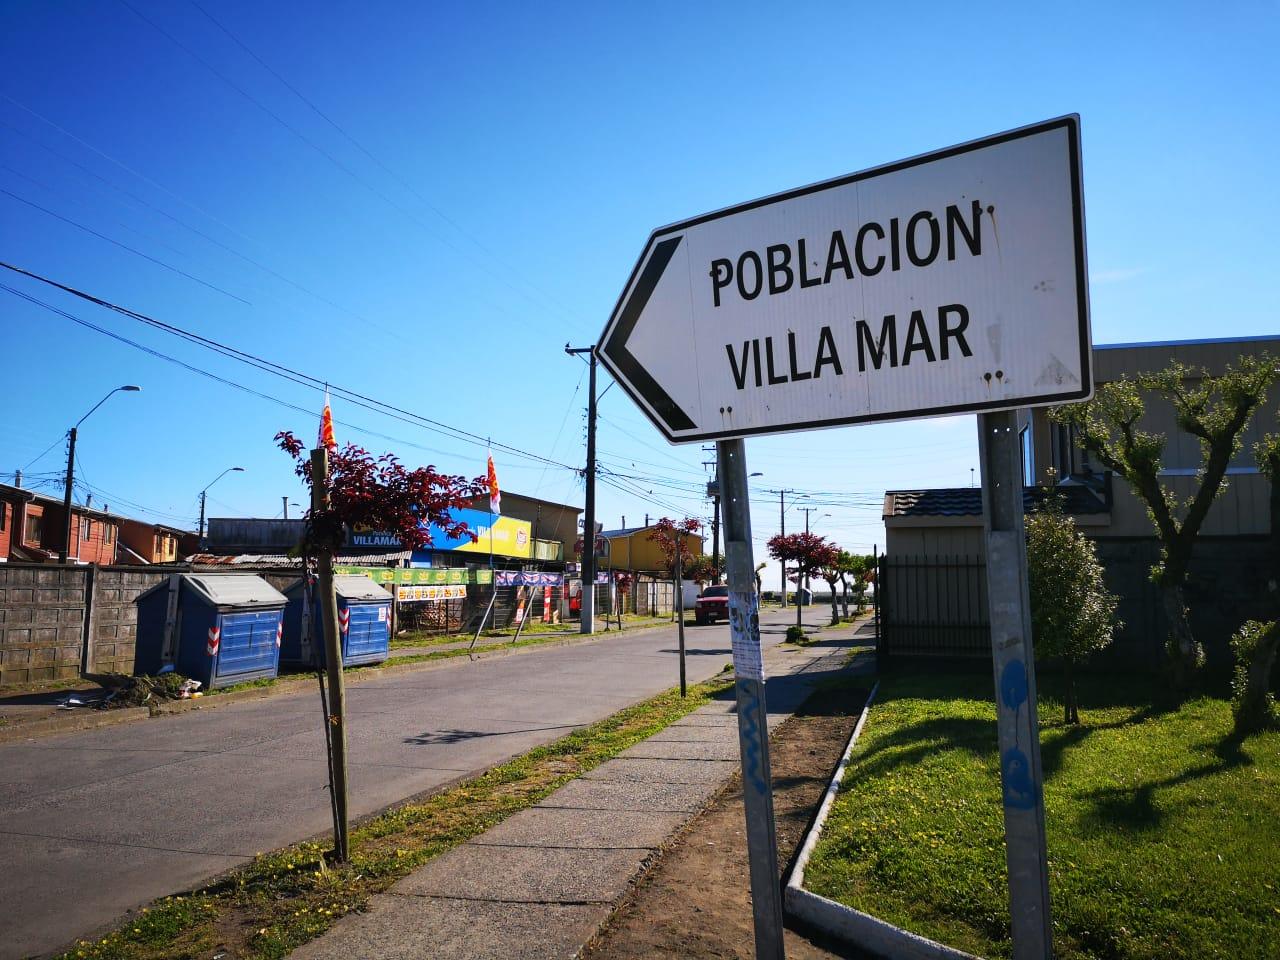 Entrada al barrio donde vivía la víctima | Pedro Cid (RBB)